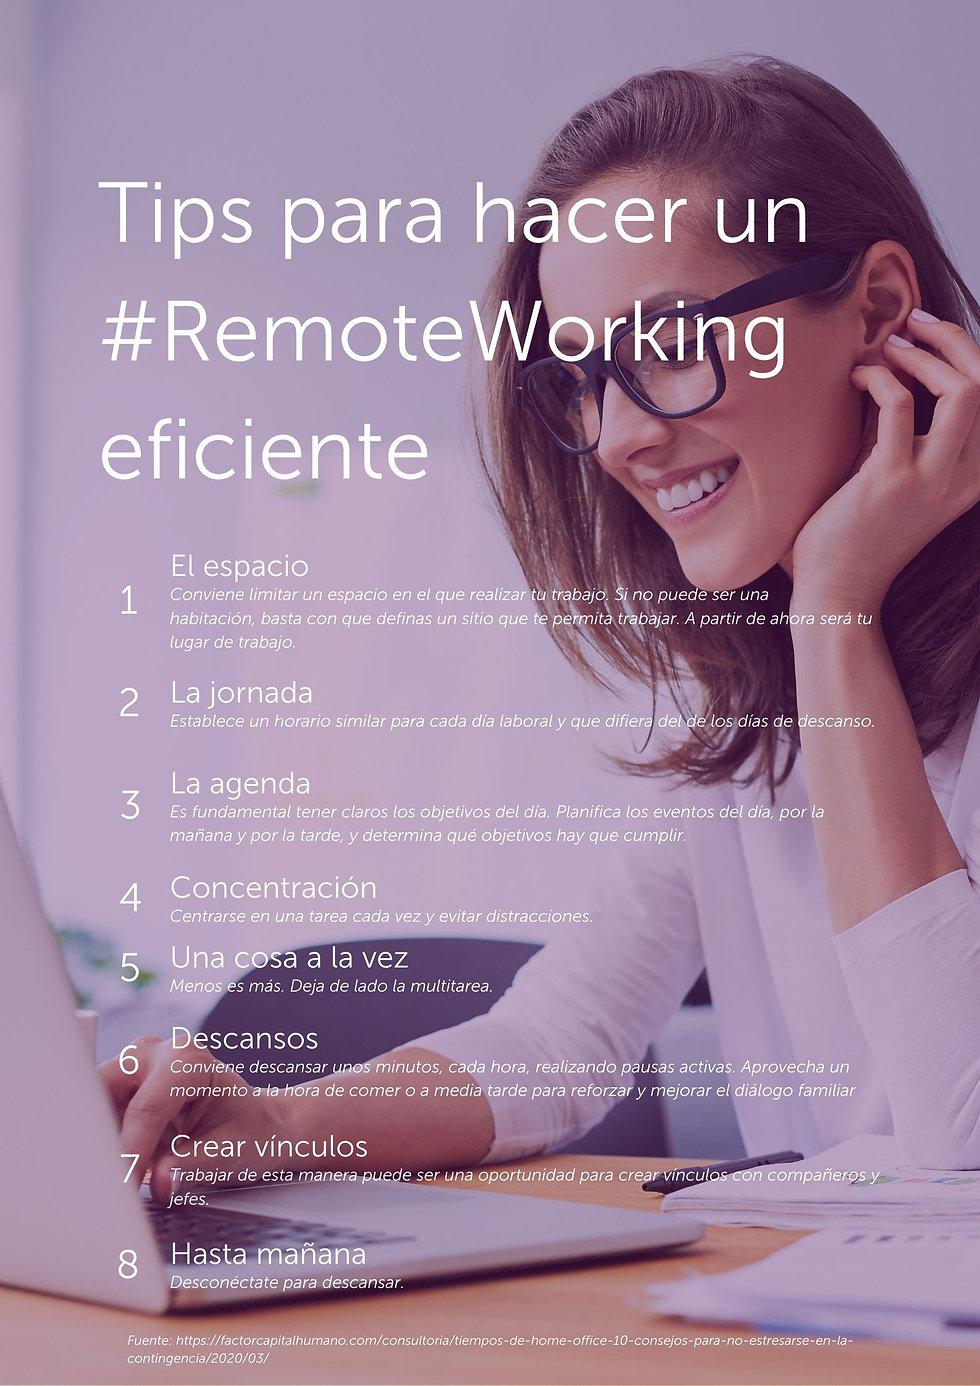 Remote_Working_más_eficiente.jpg